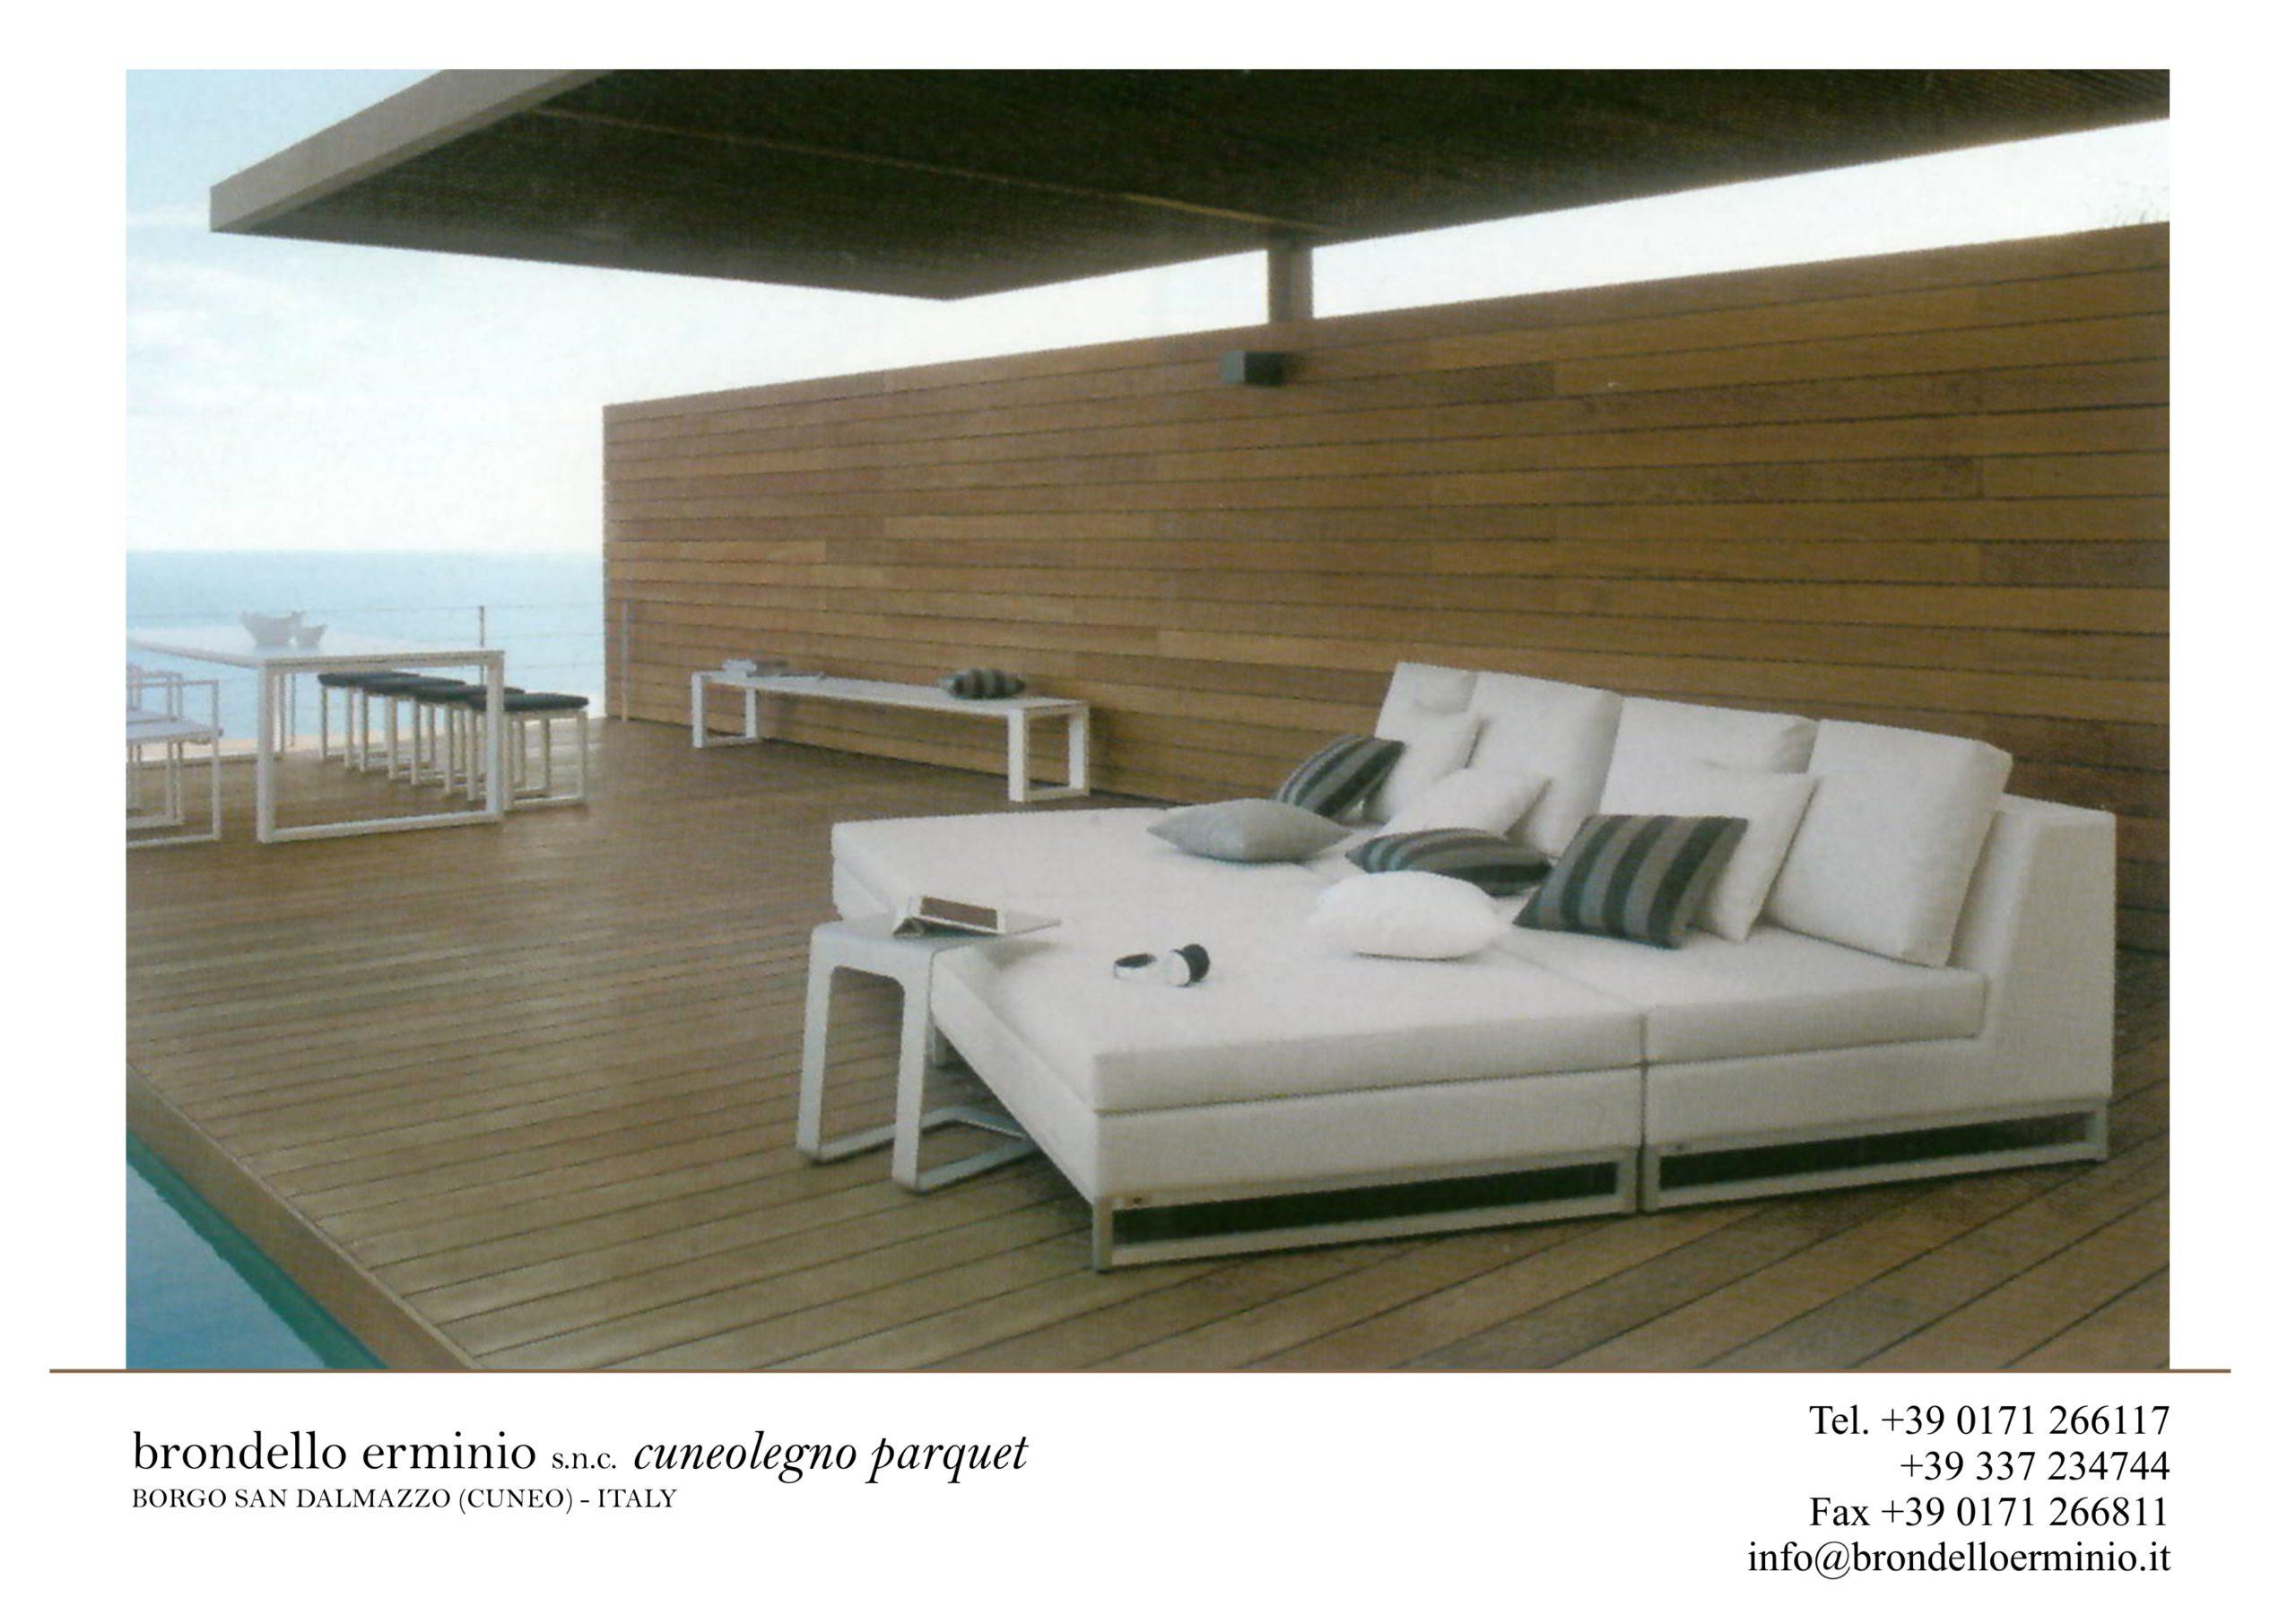 legno-esterni-terrazza-piscina